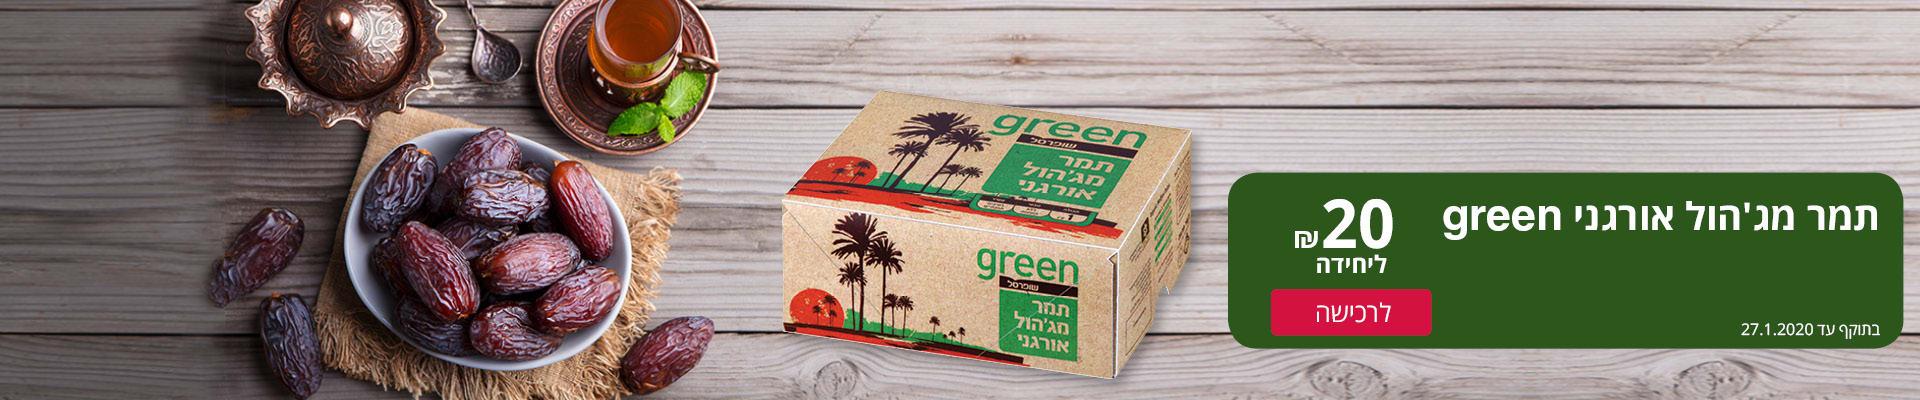 תמר מג'הול אורגני green ב- 20 ₪. בתוקף עד 27.1.2020.